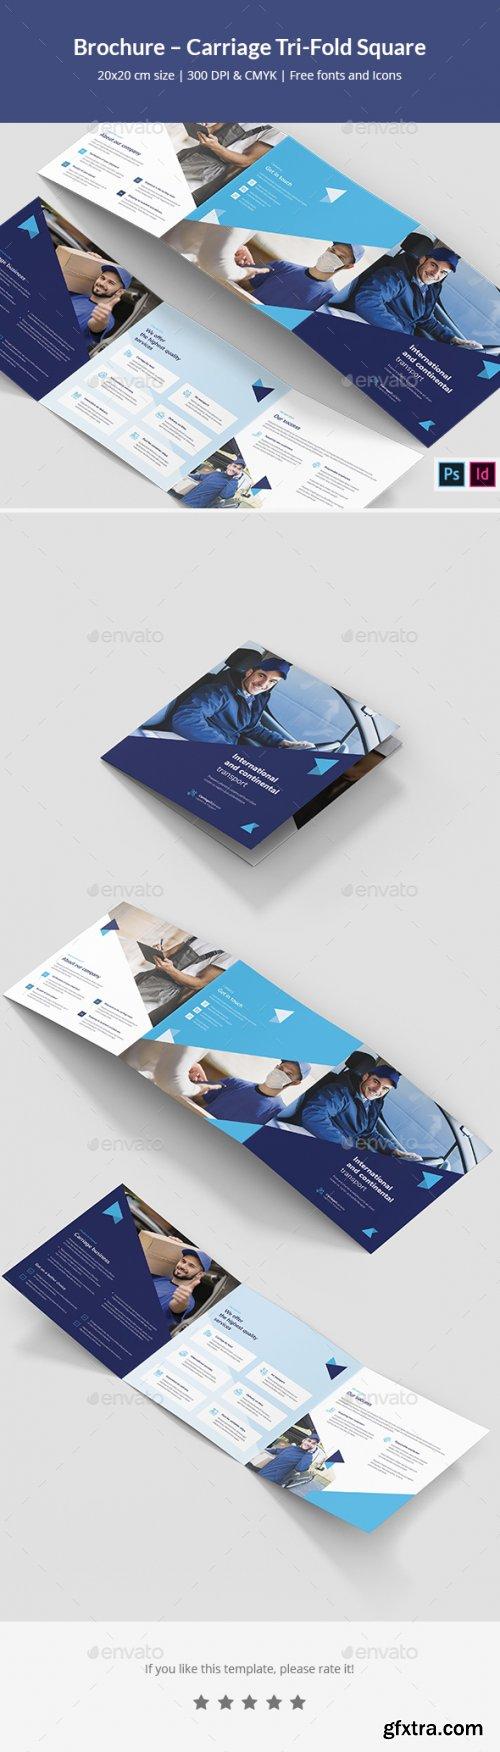 GraphicRiver - Brochure – Carriage Tri-Fold Square 28370582